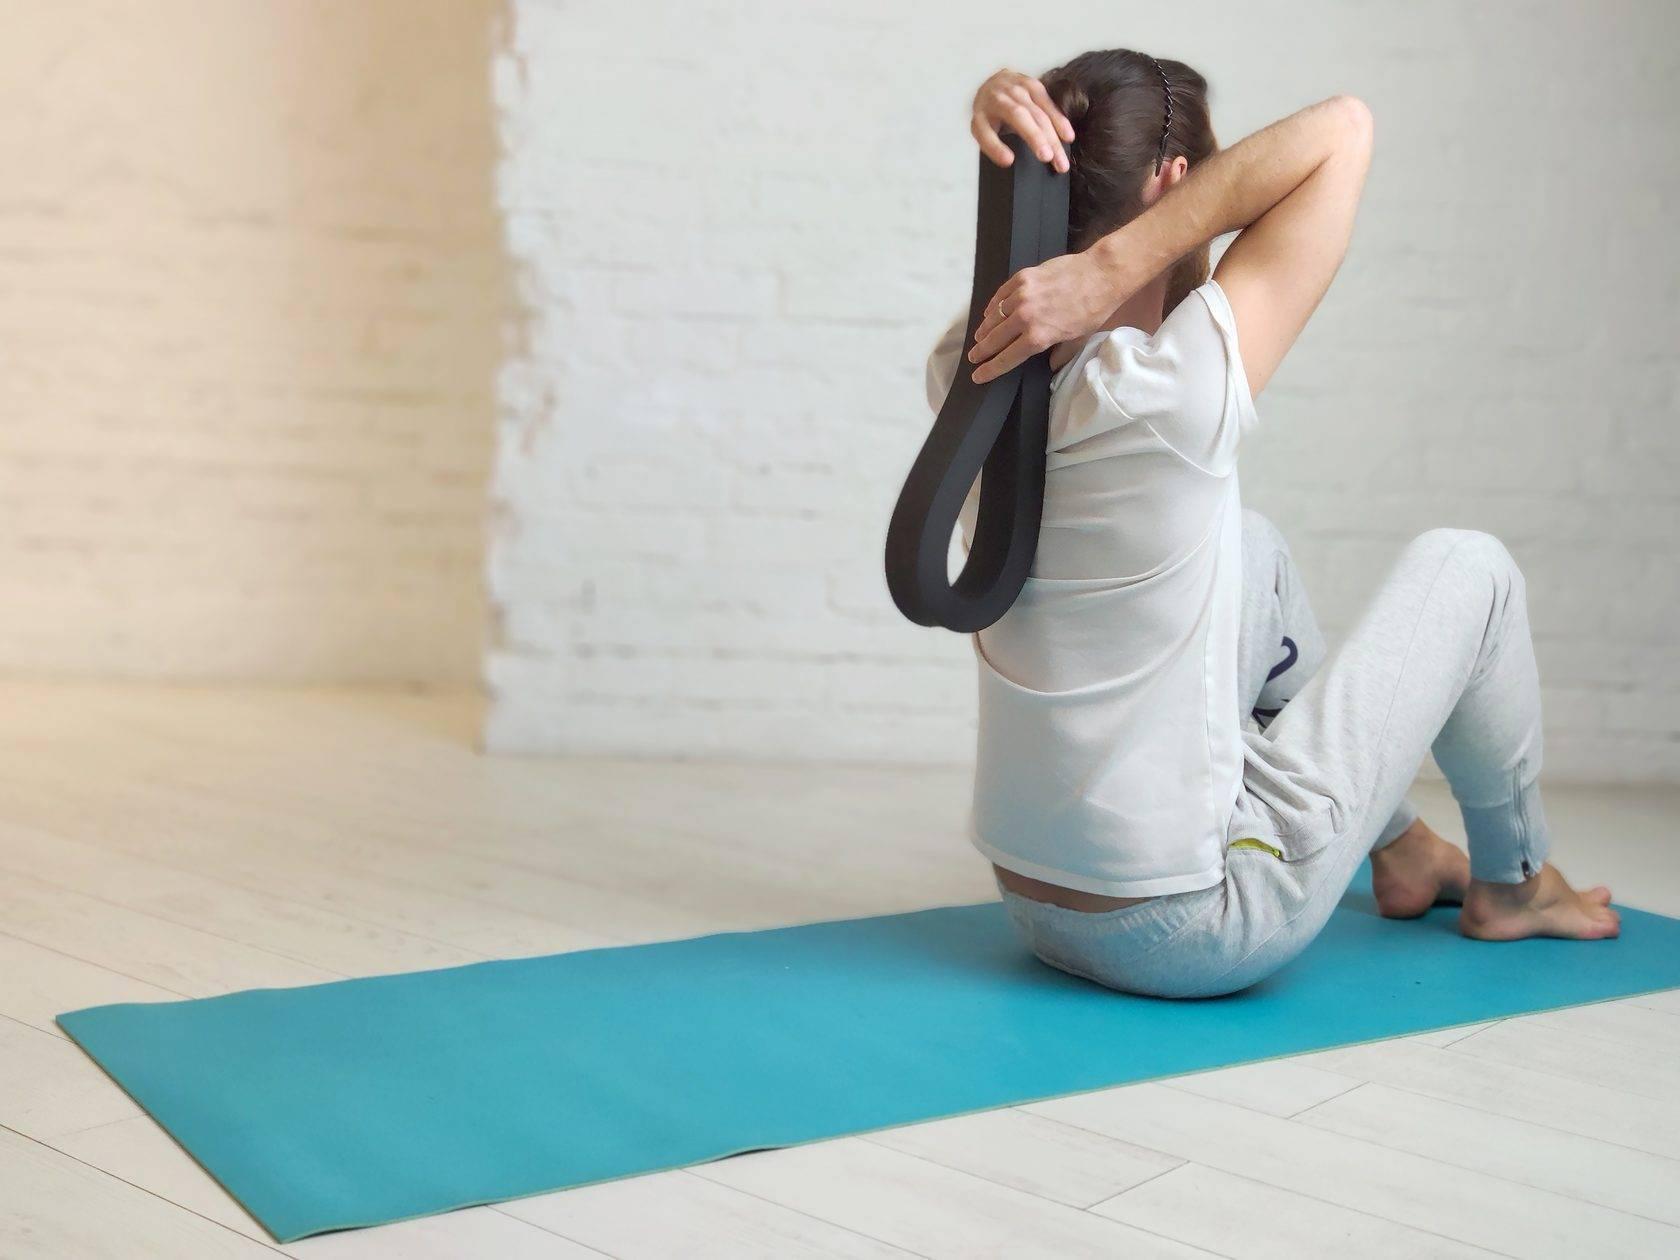 Побороть депрессию и стать выше: что такое йога критического выравнивания и как она работает